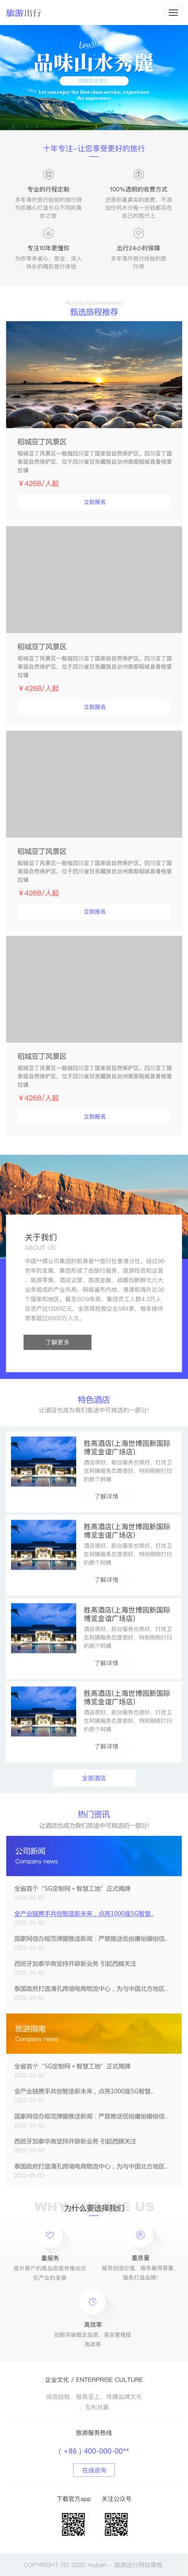 漂亮旅游网站手机模板